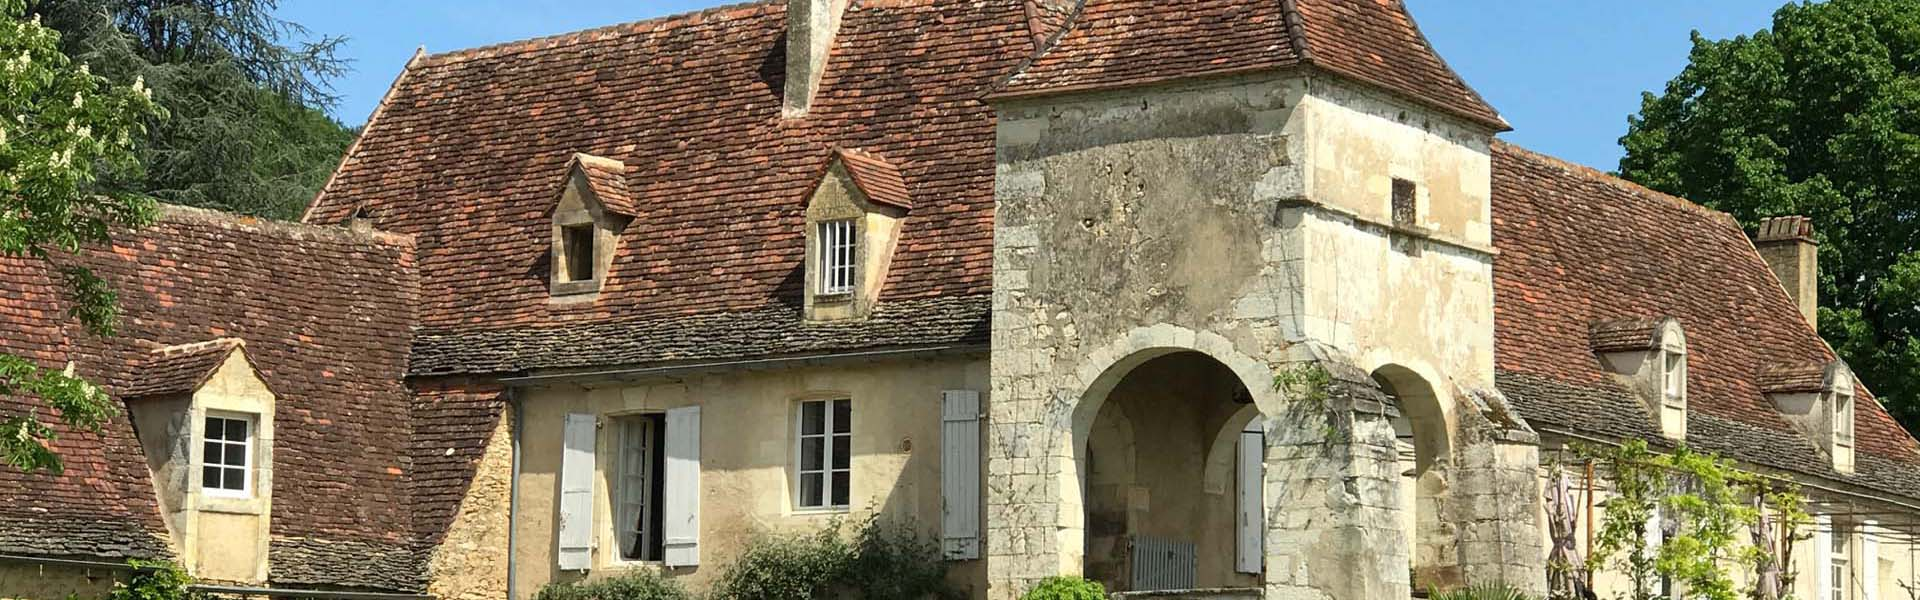 Achat maison chartreuse pierre Dordogne façade